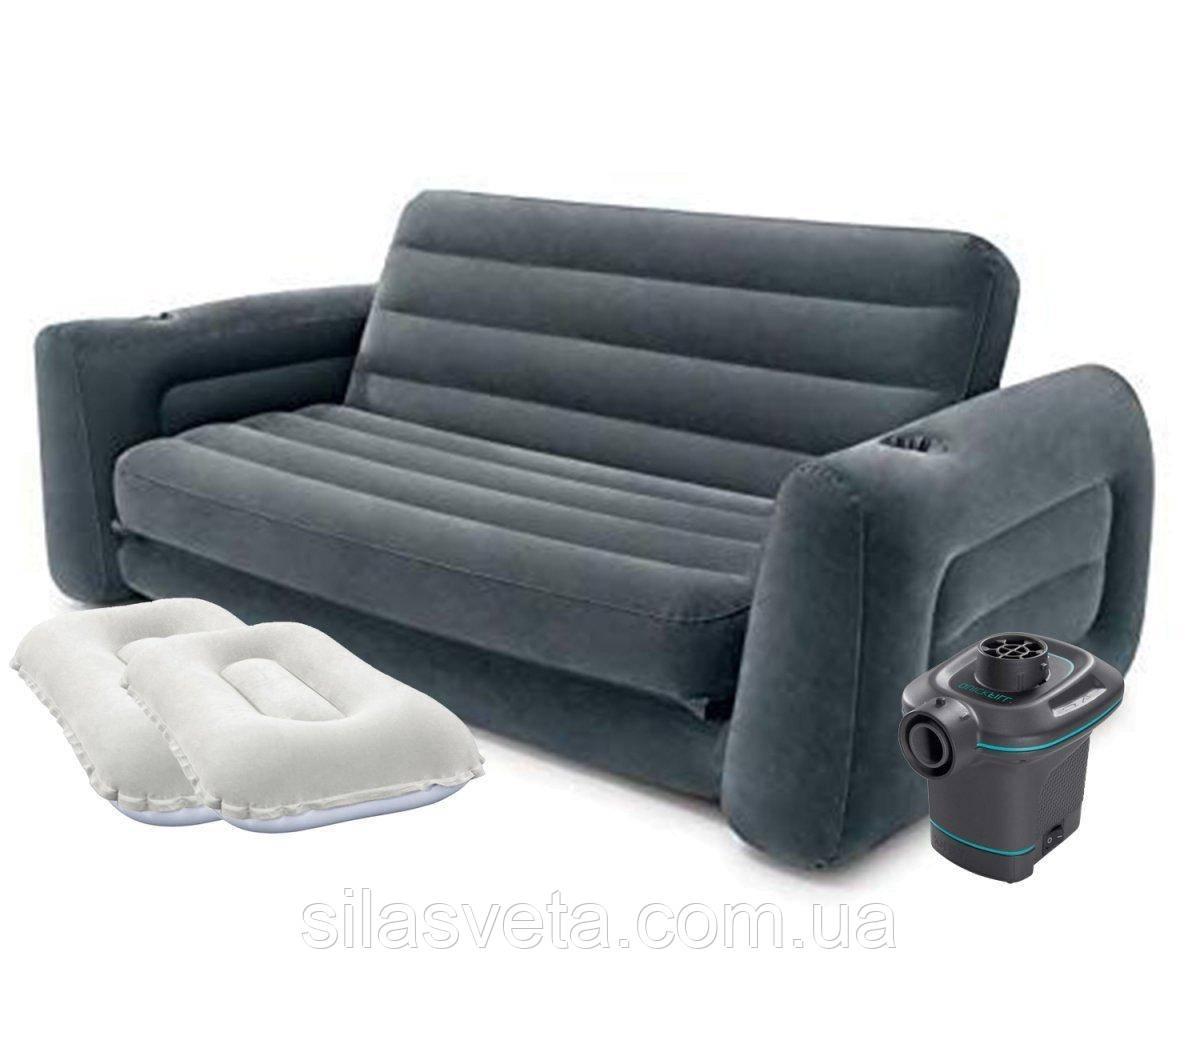 Надувной двухместный диван-трансформер Intex 66552-4 Pull-Out Sofa (203x224x66 см) + насос и подушки